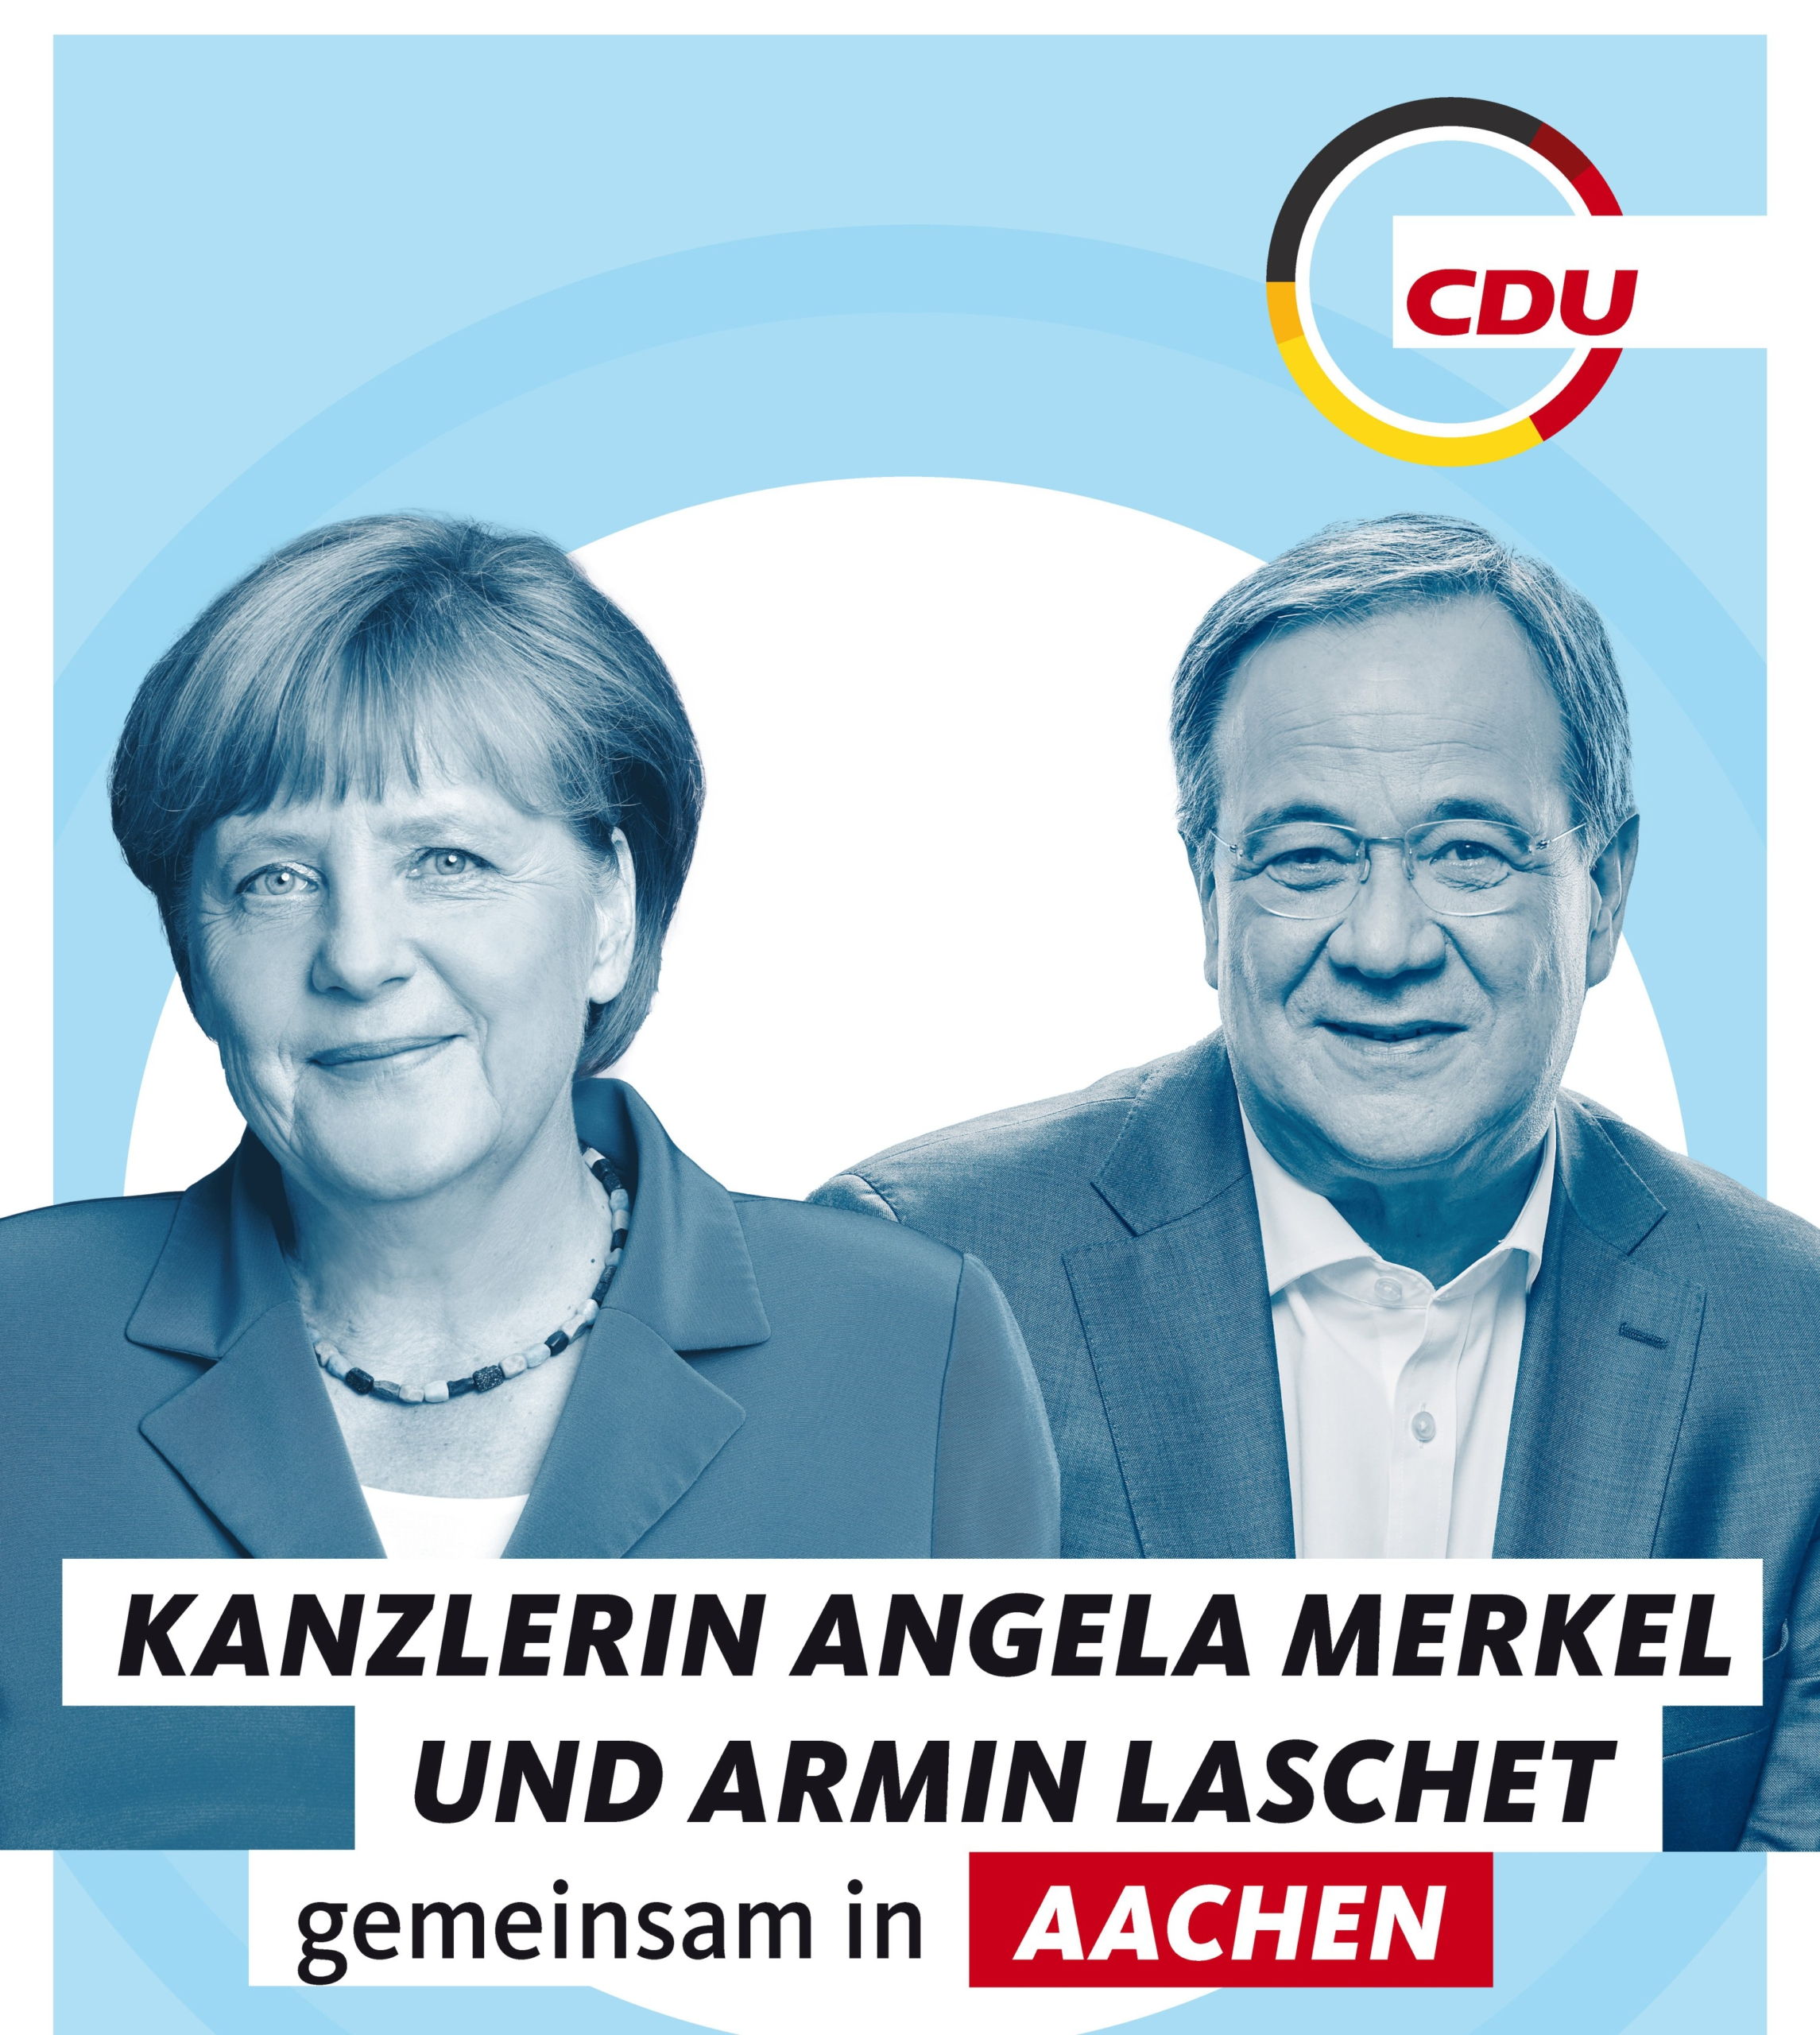 Dr. Angela Merkel und Armin Laschet gemeinsam in Aachen